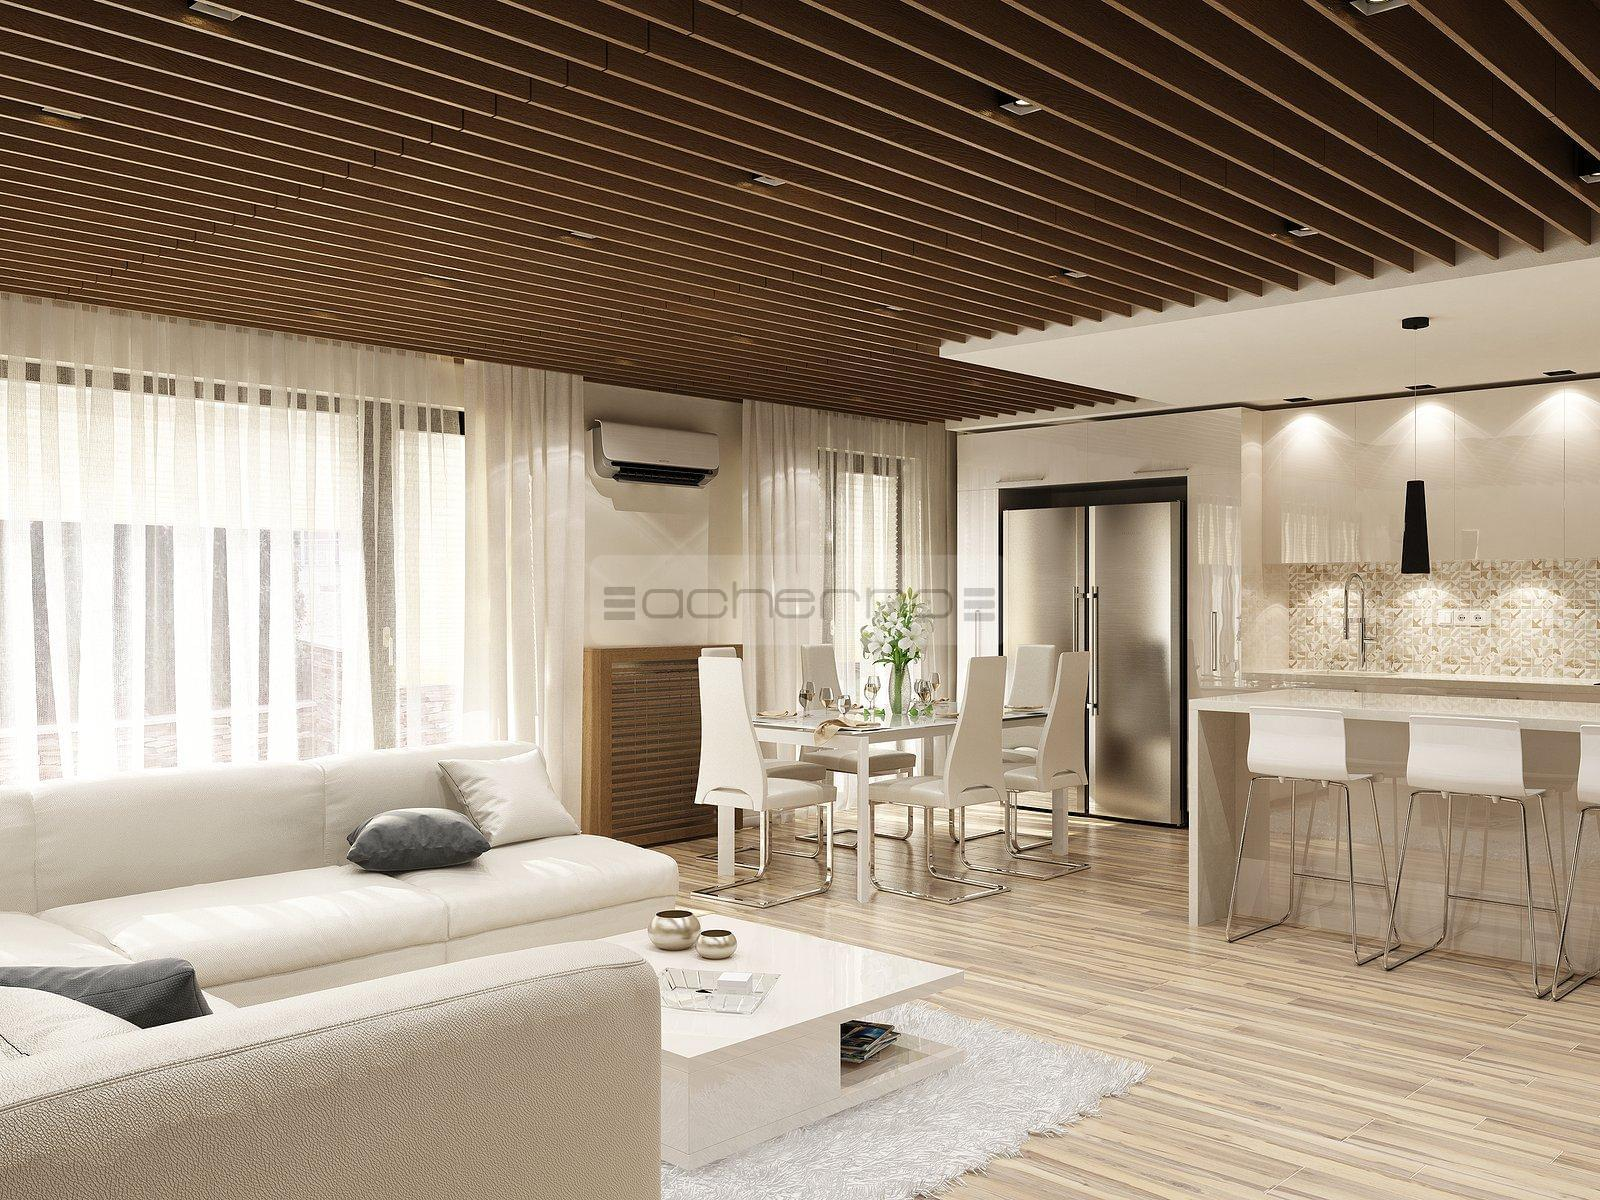 Wohnung Design, Das Keine Langweile Zulässt